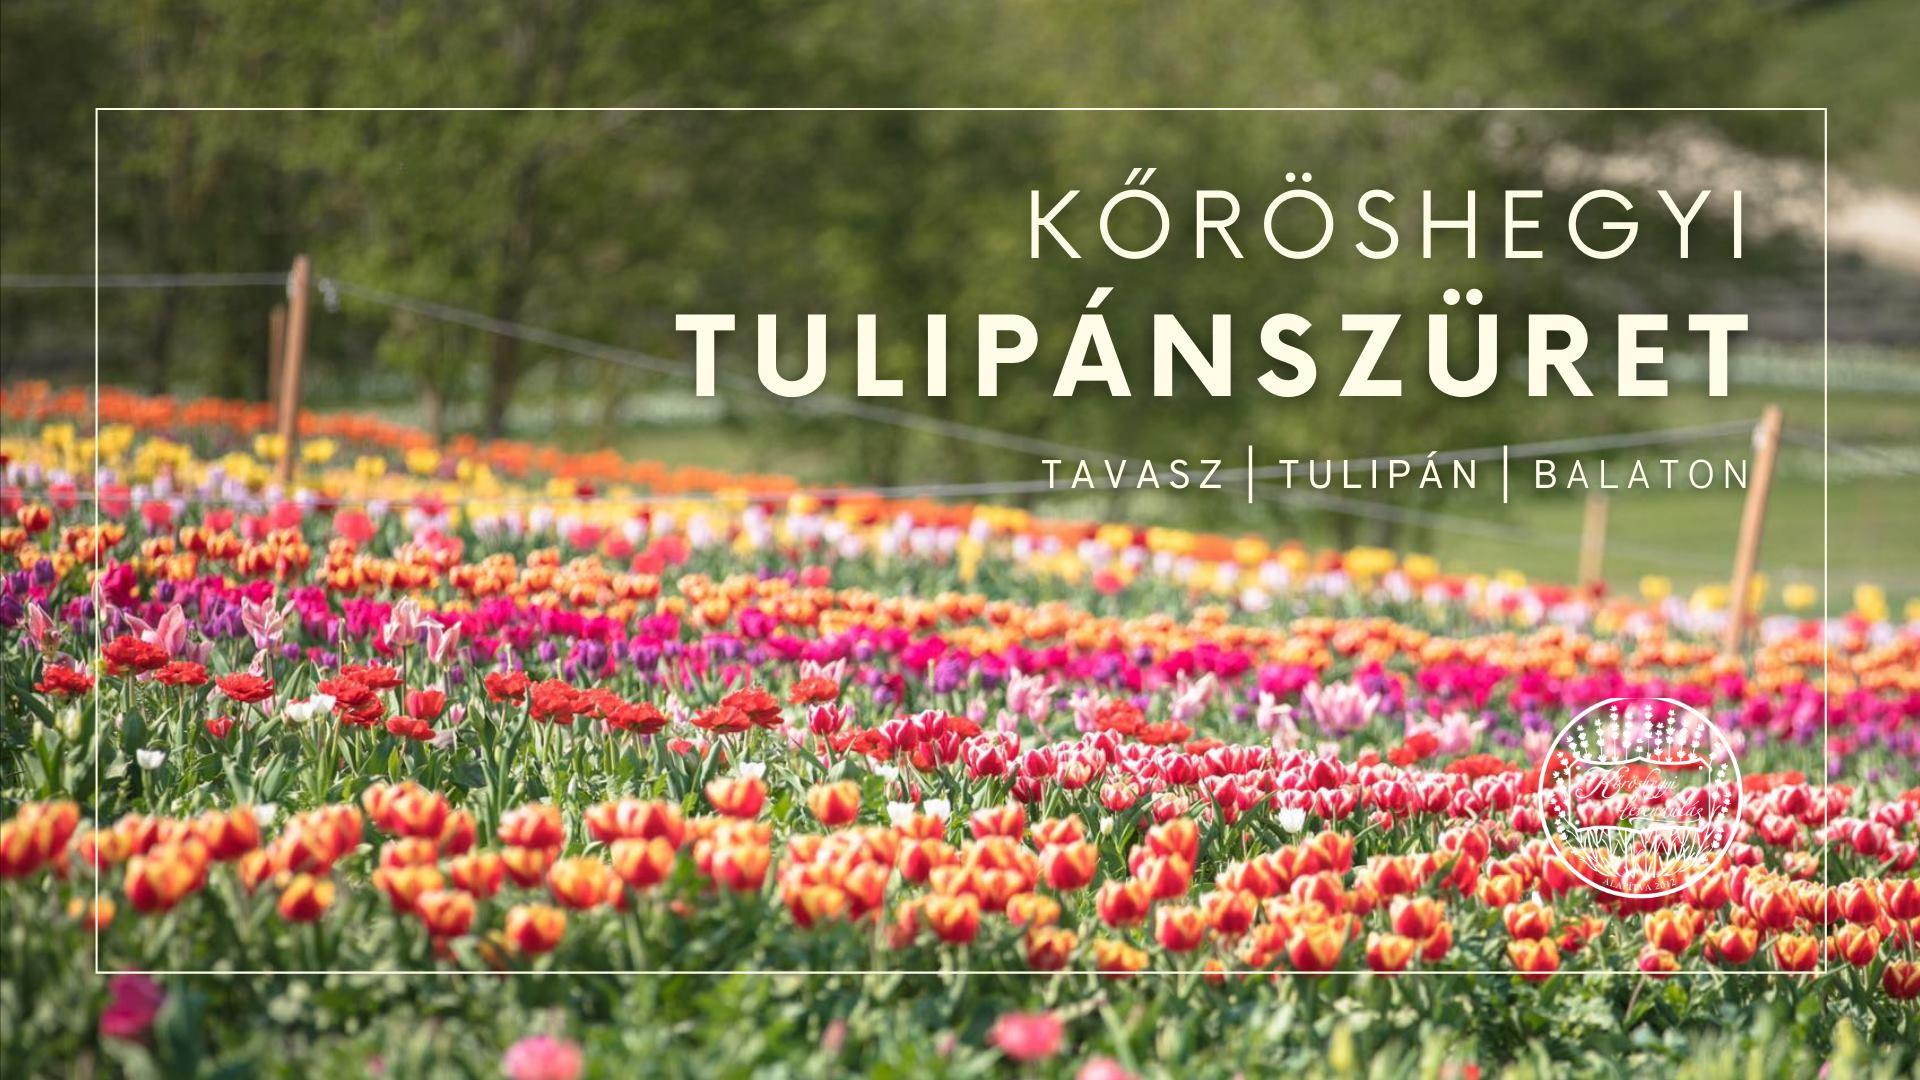 Tulipánszüret Kőröshegyen